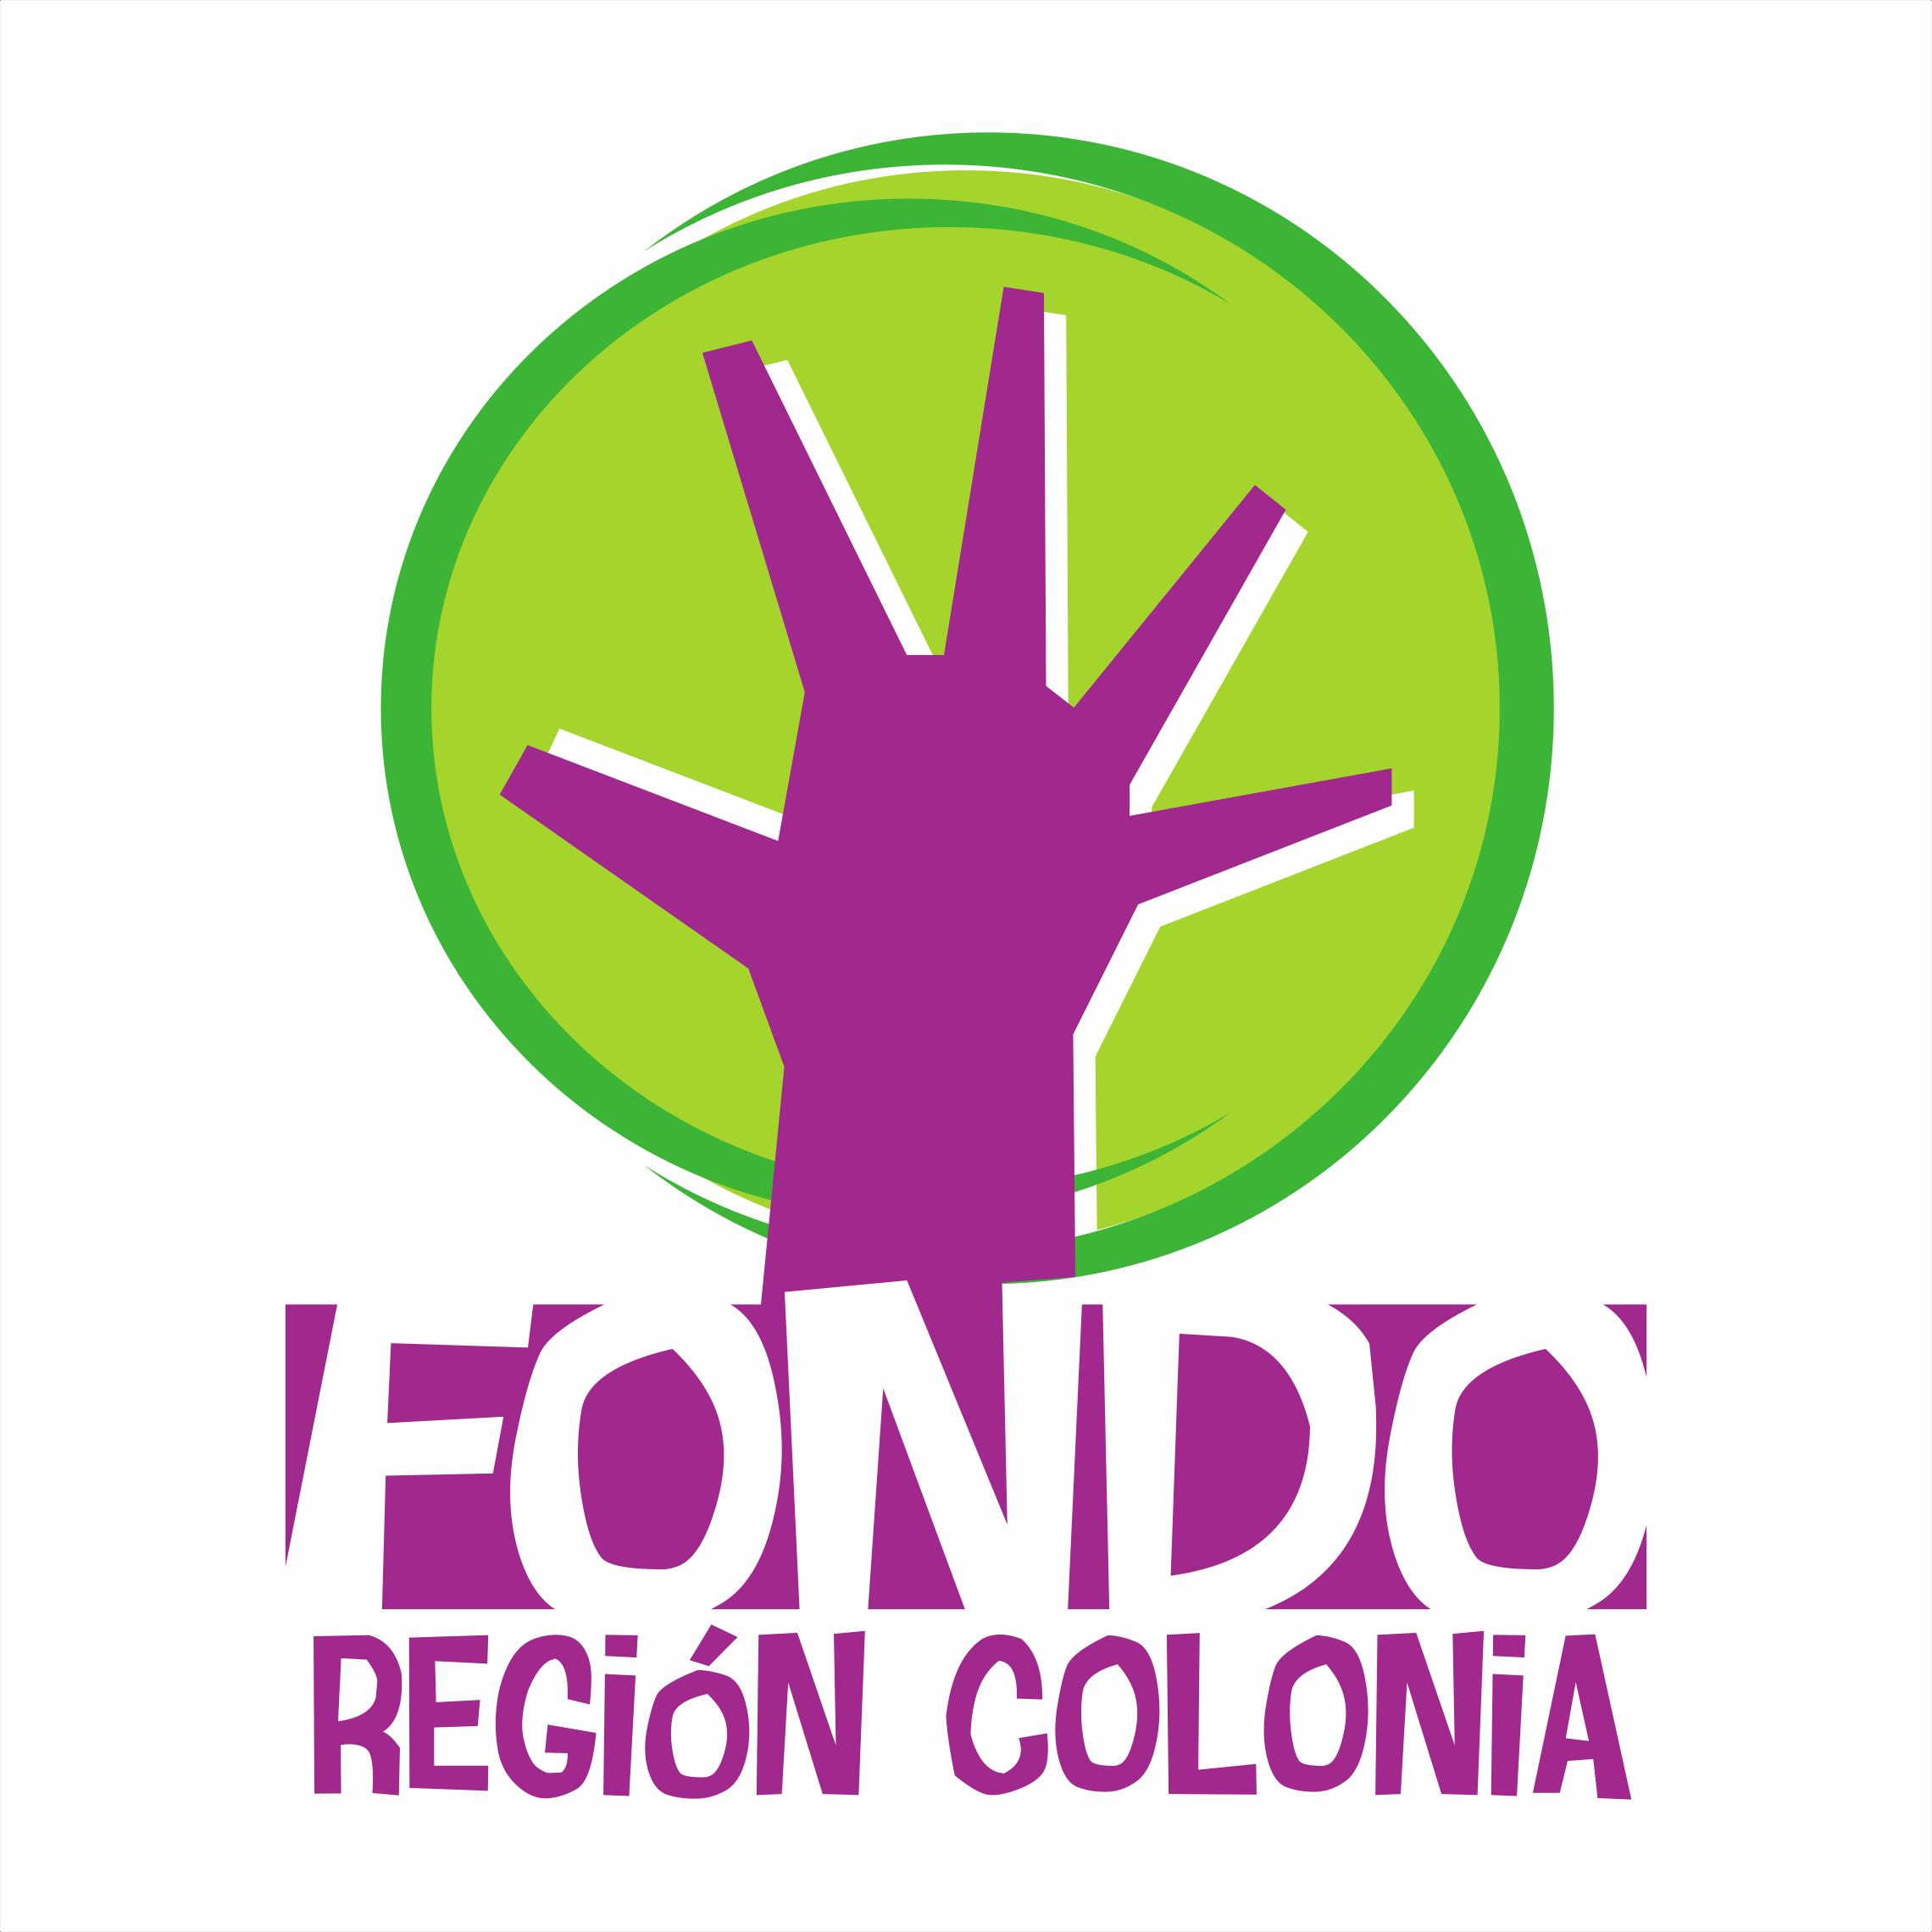 FondoRegiónColonia.png